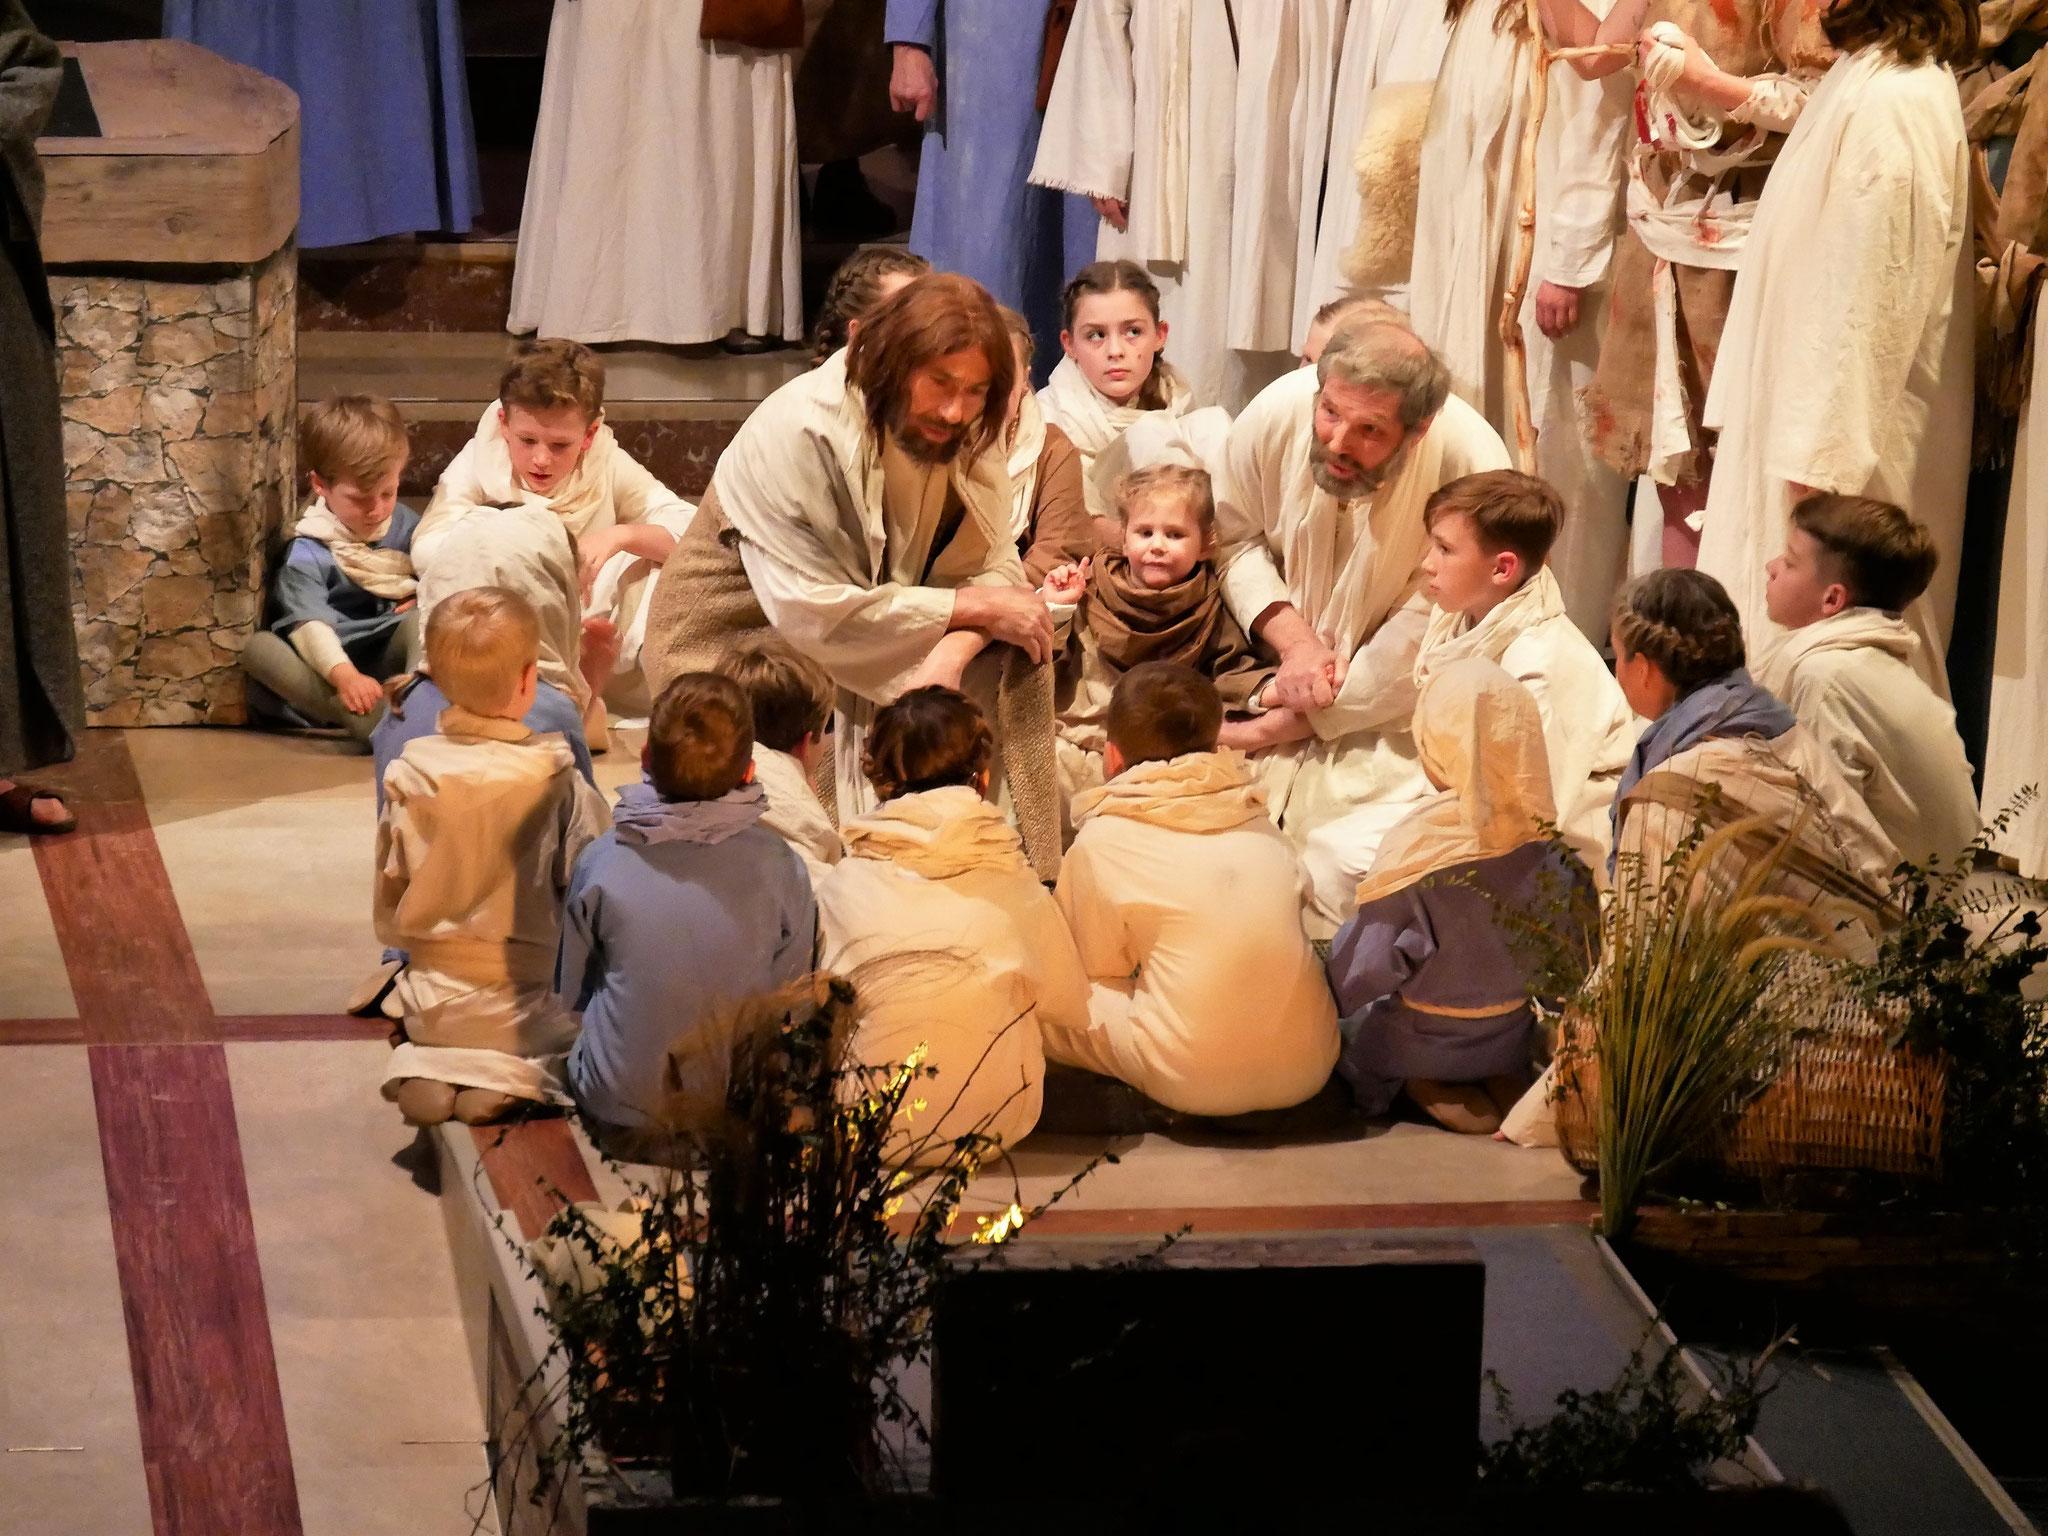 Jesus erzählt den Kindern ein Gleichnis